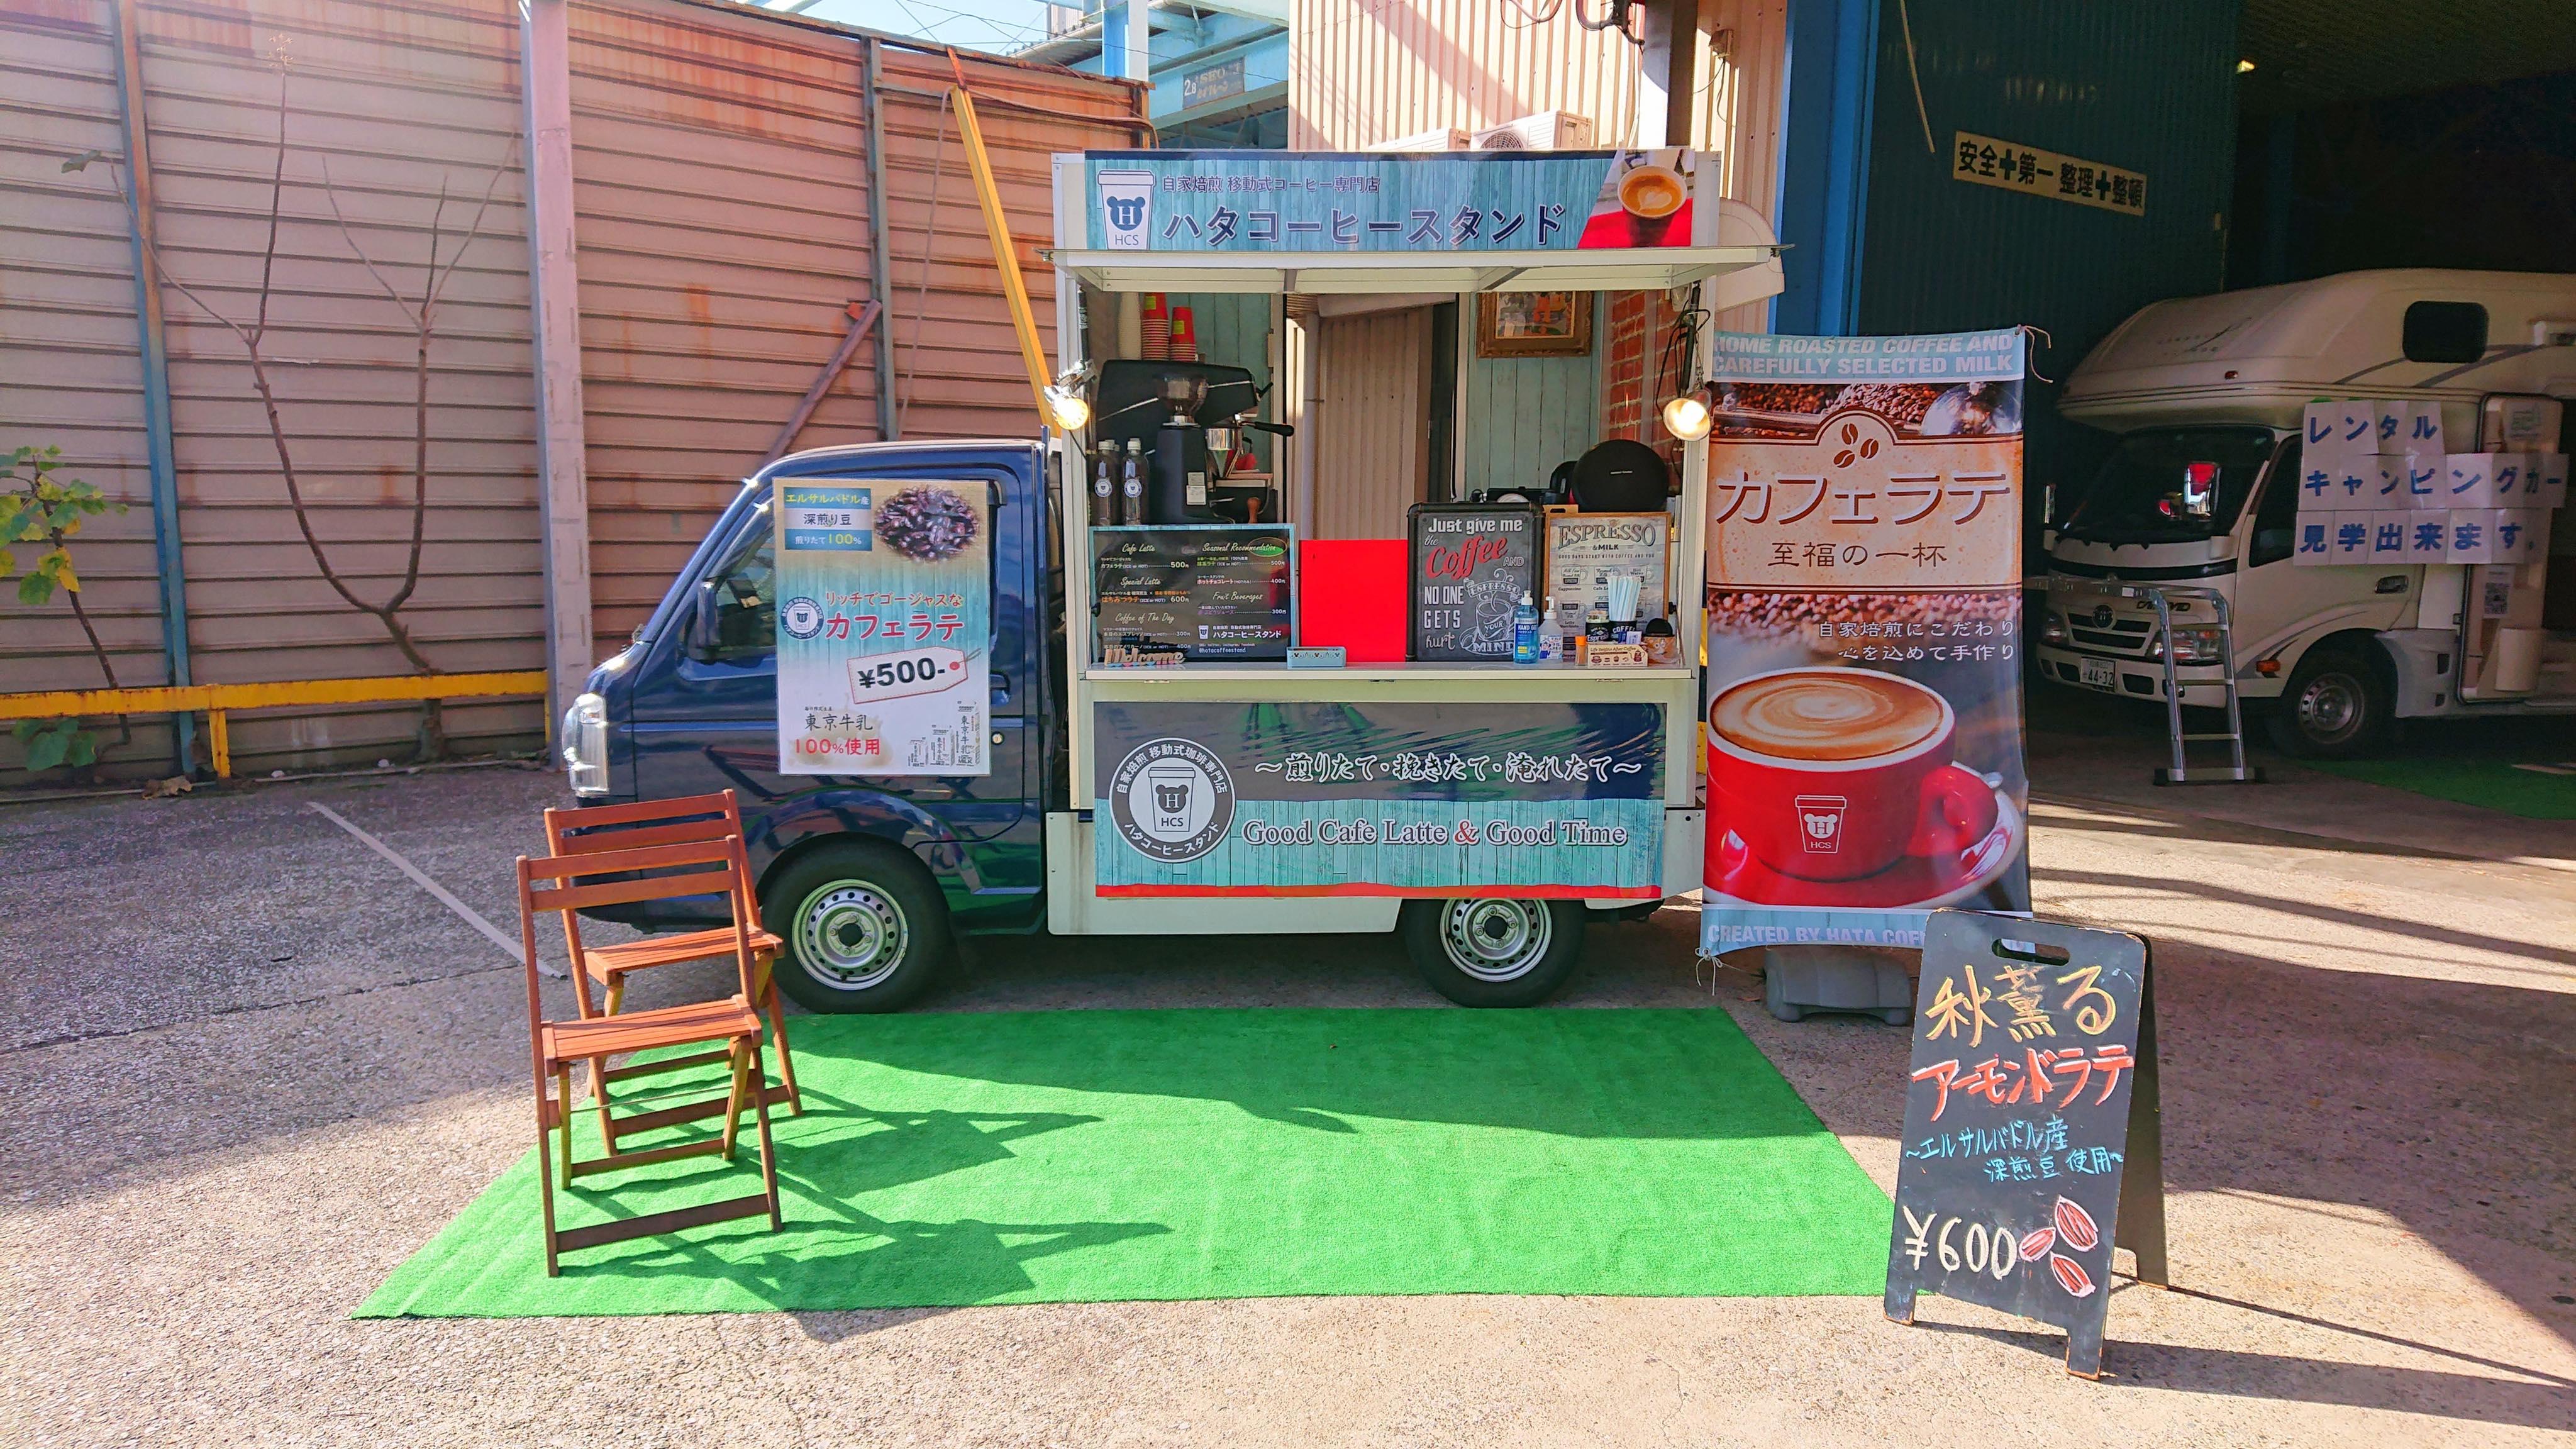 ハタコーヒー ケータリング キッチンカー